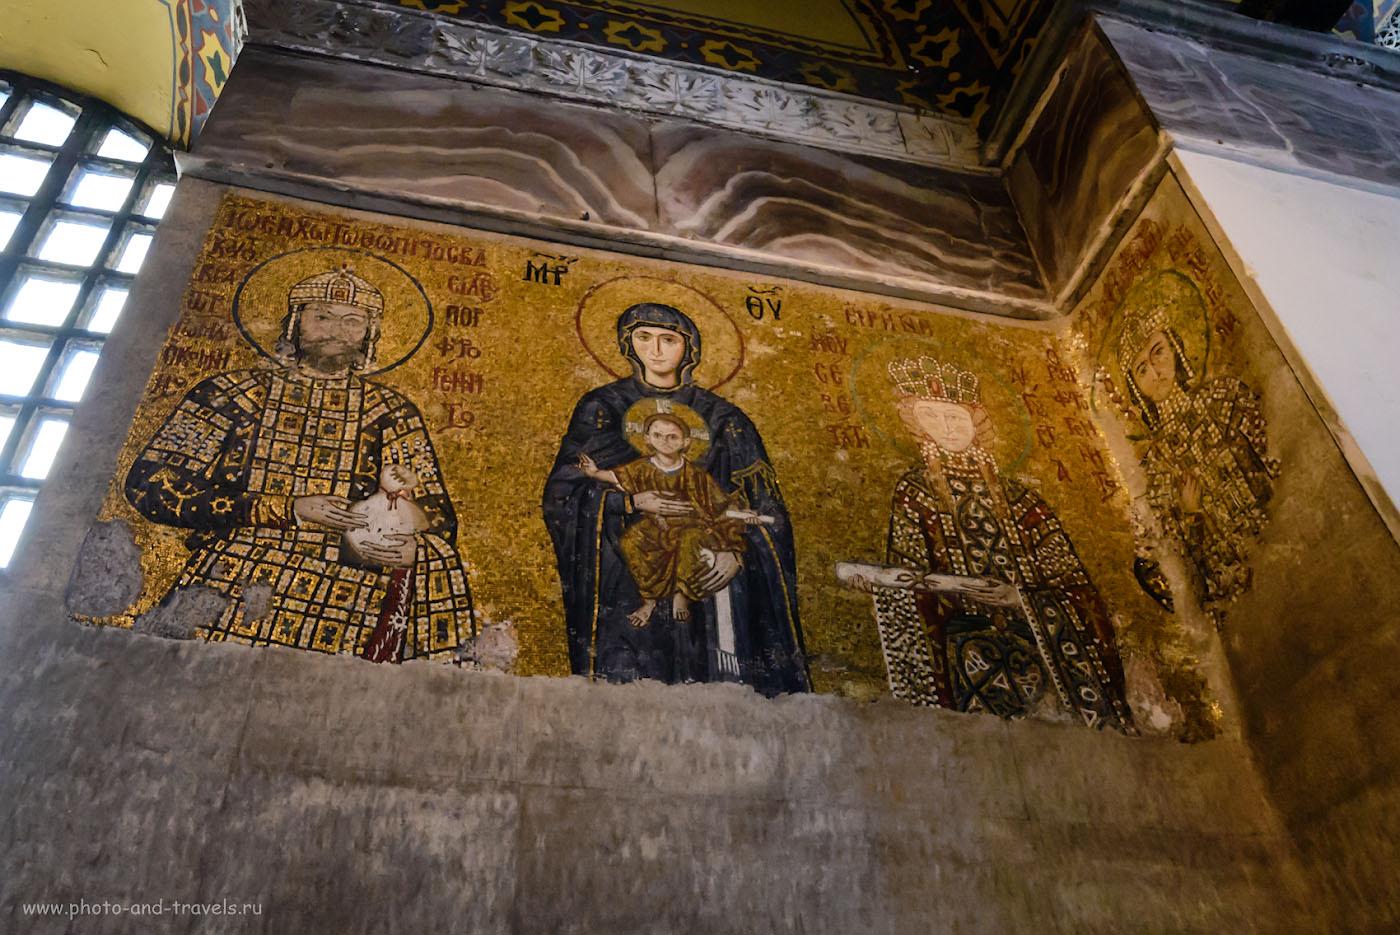 Фотография 30. Мозаика с изображением Иоанна II Комнина в Софийском соборе (Константинополь, XII век). 1/50, 5.6, 3200, 14.